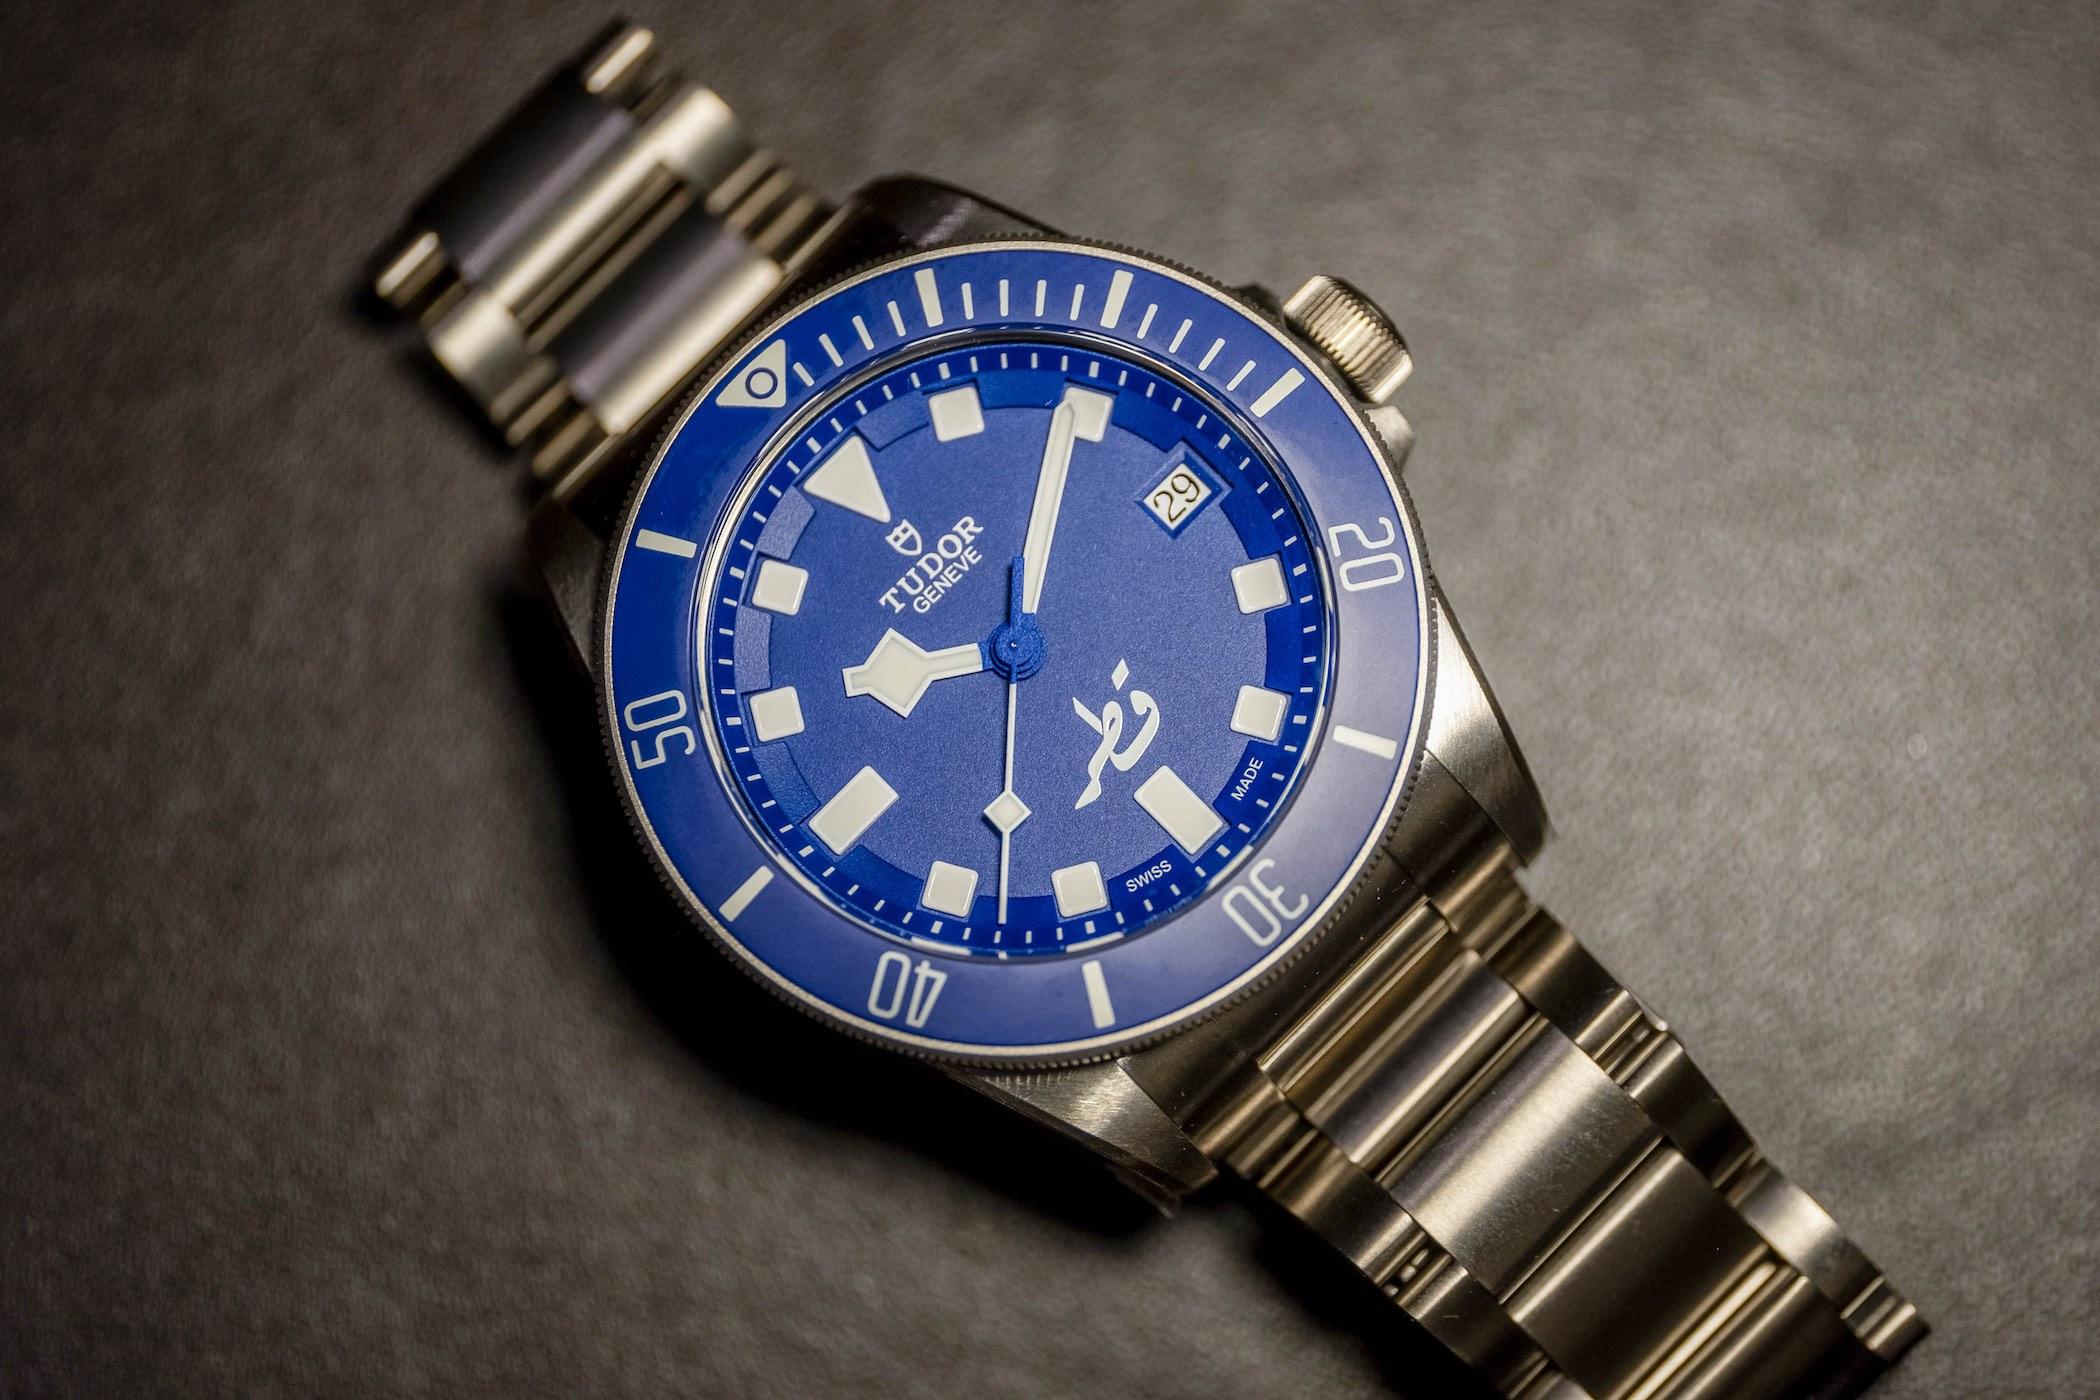 Tudor Pelagos Qatar Watch Club Edition 2020 - M25600TB-0001